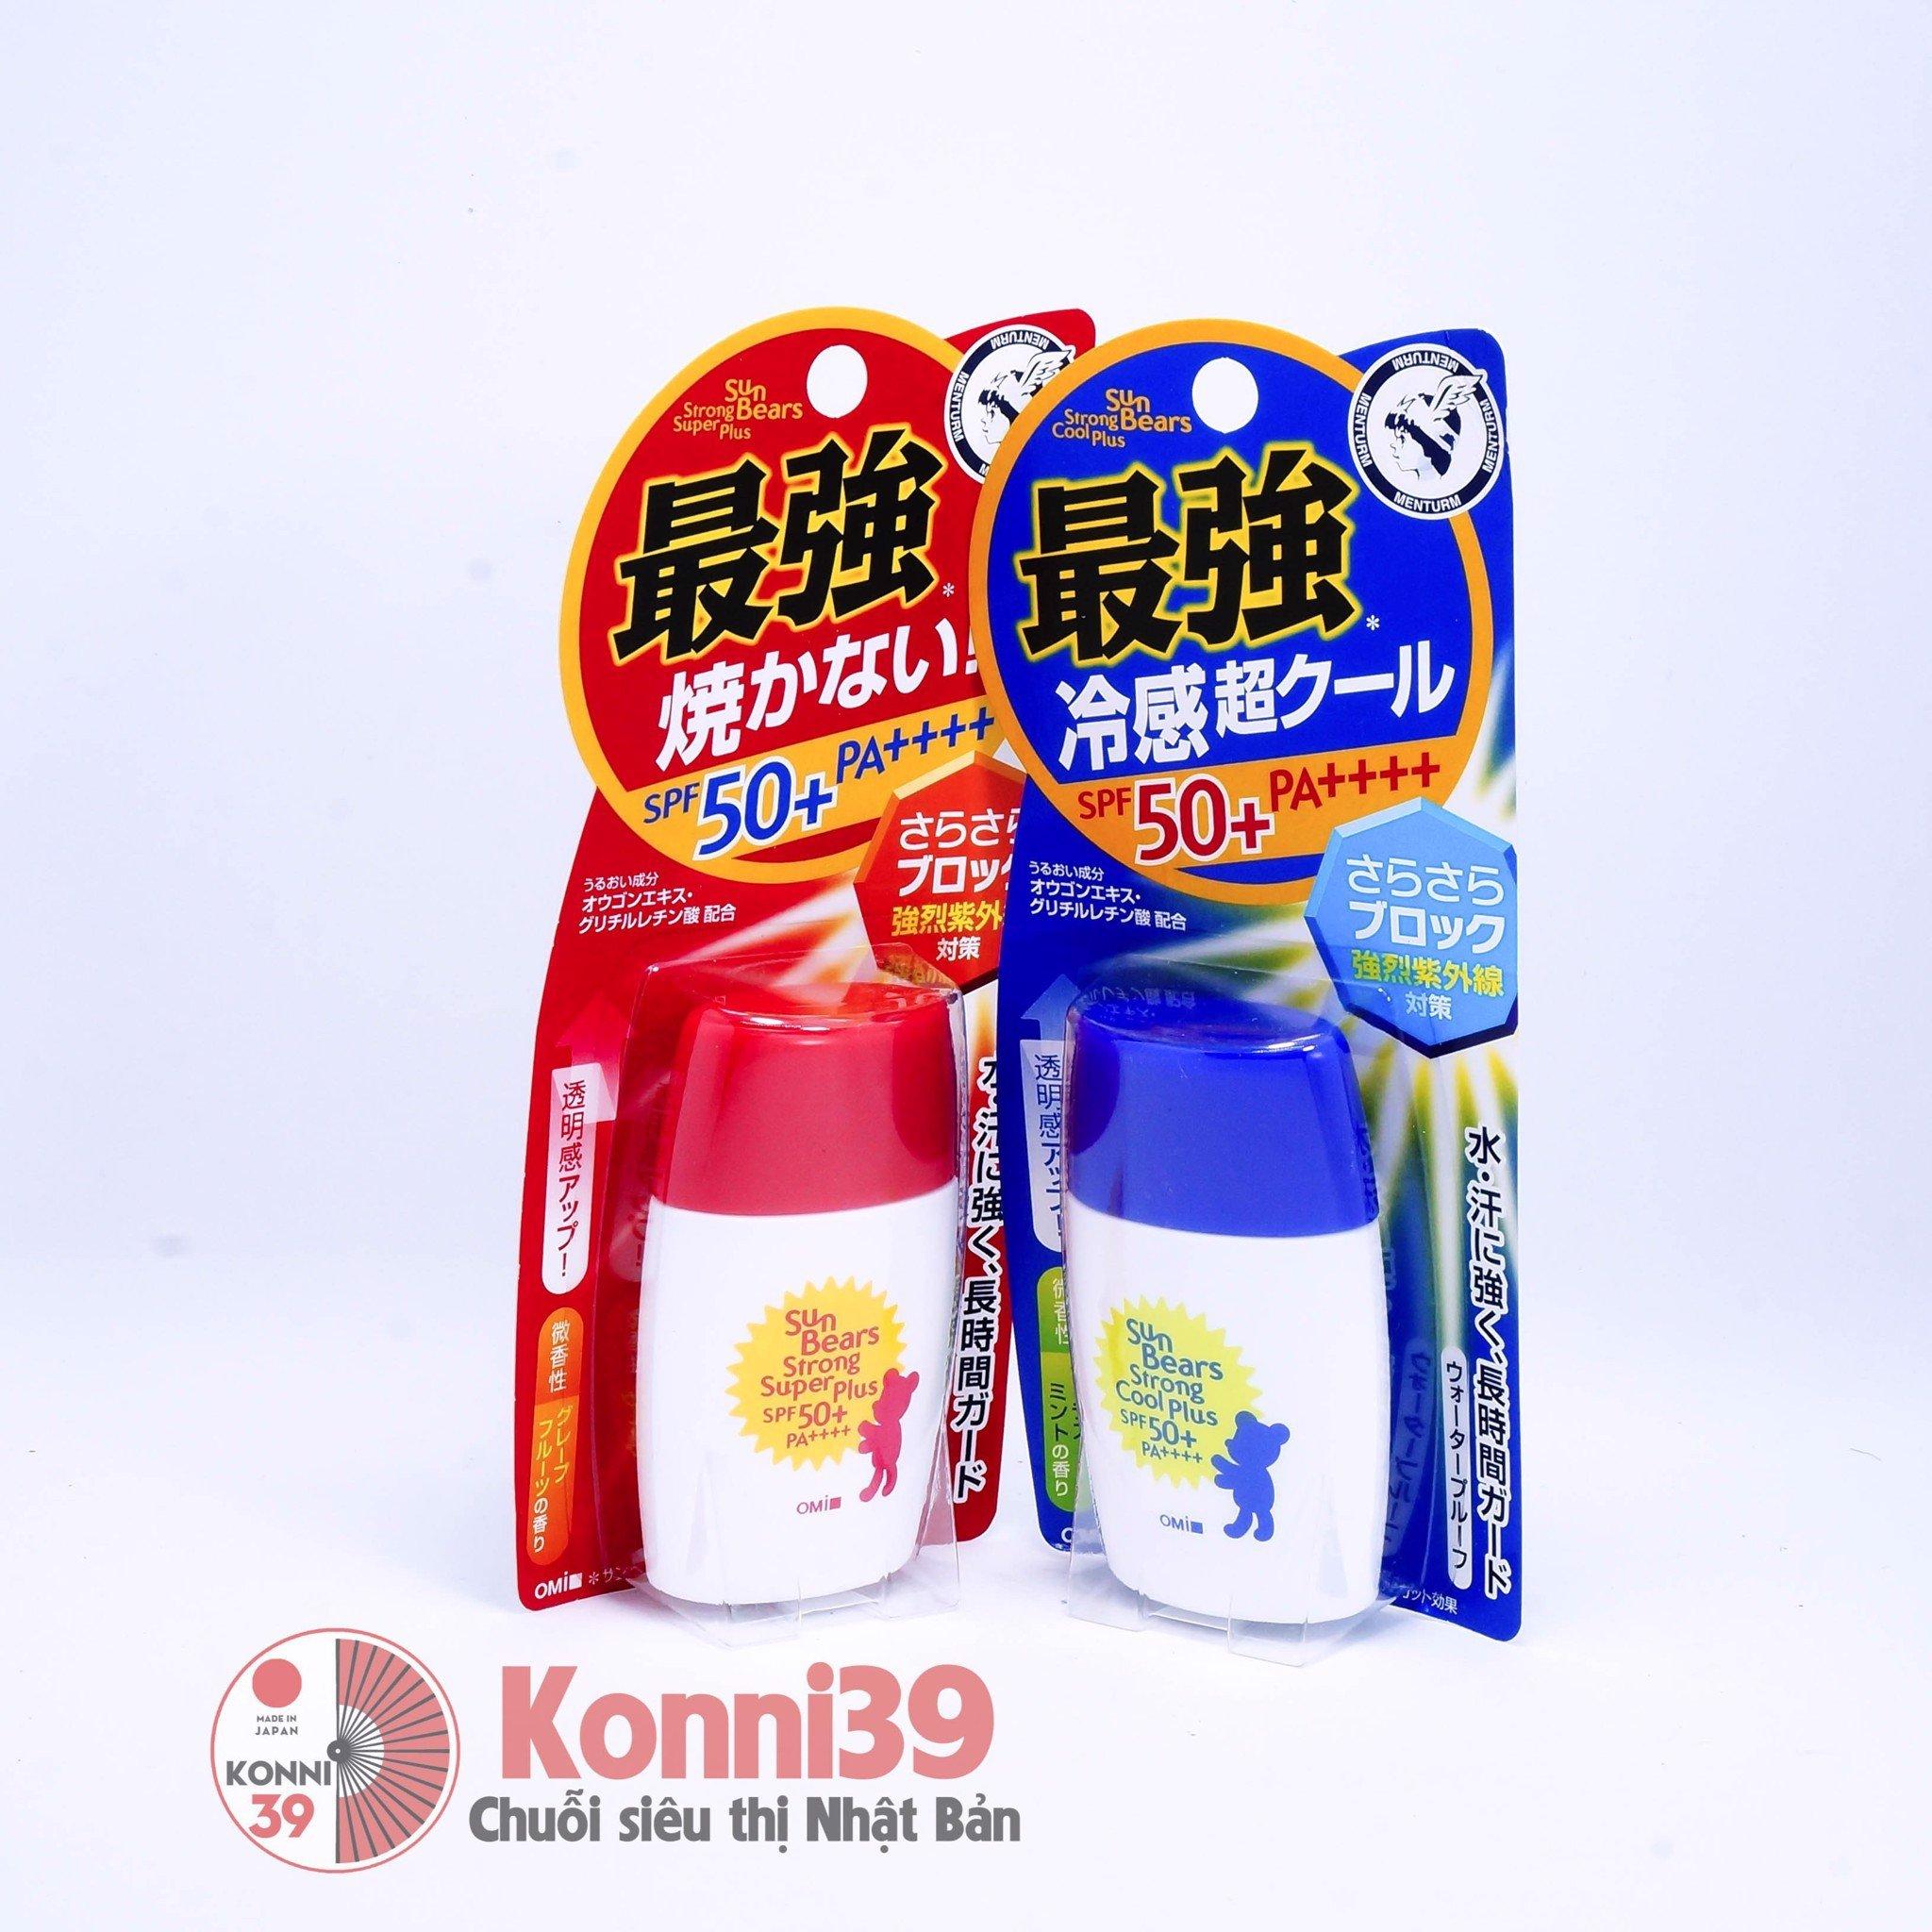 Kem chống nắng Sunbear cho bé-Chuỗi siêu thị Nhật Bản - MADE IN JAPAN Konni39 tại Việt Nam